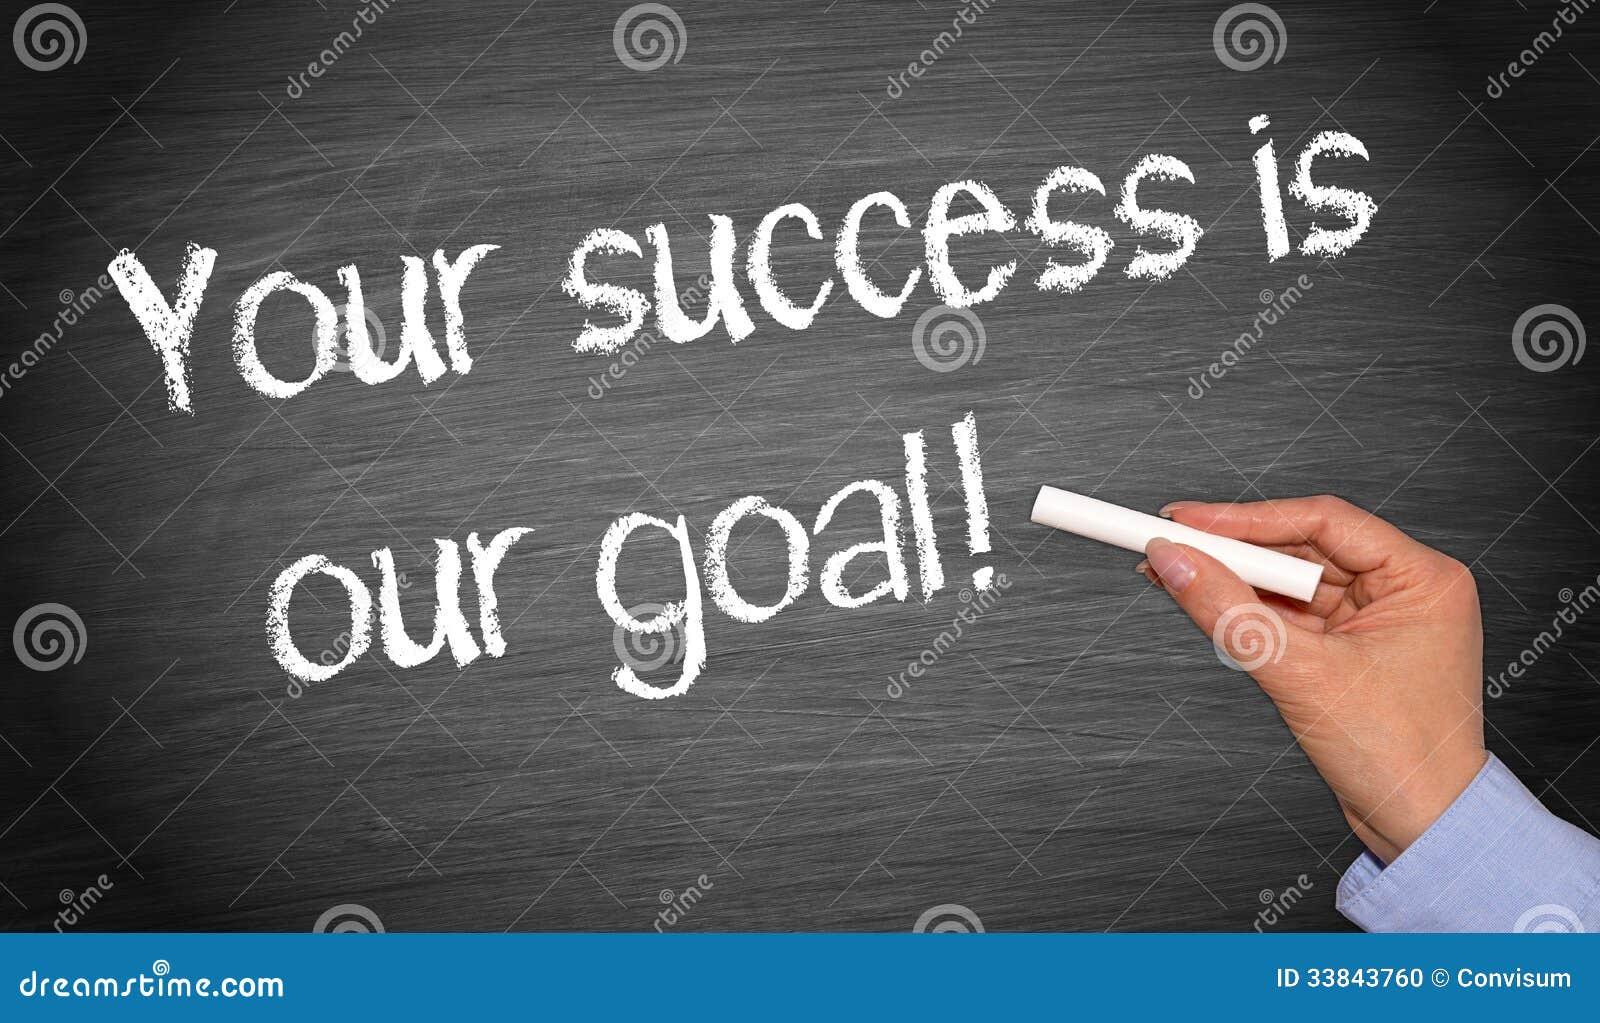 Su éxito es nuestra meta